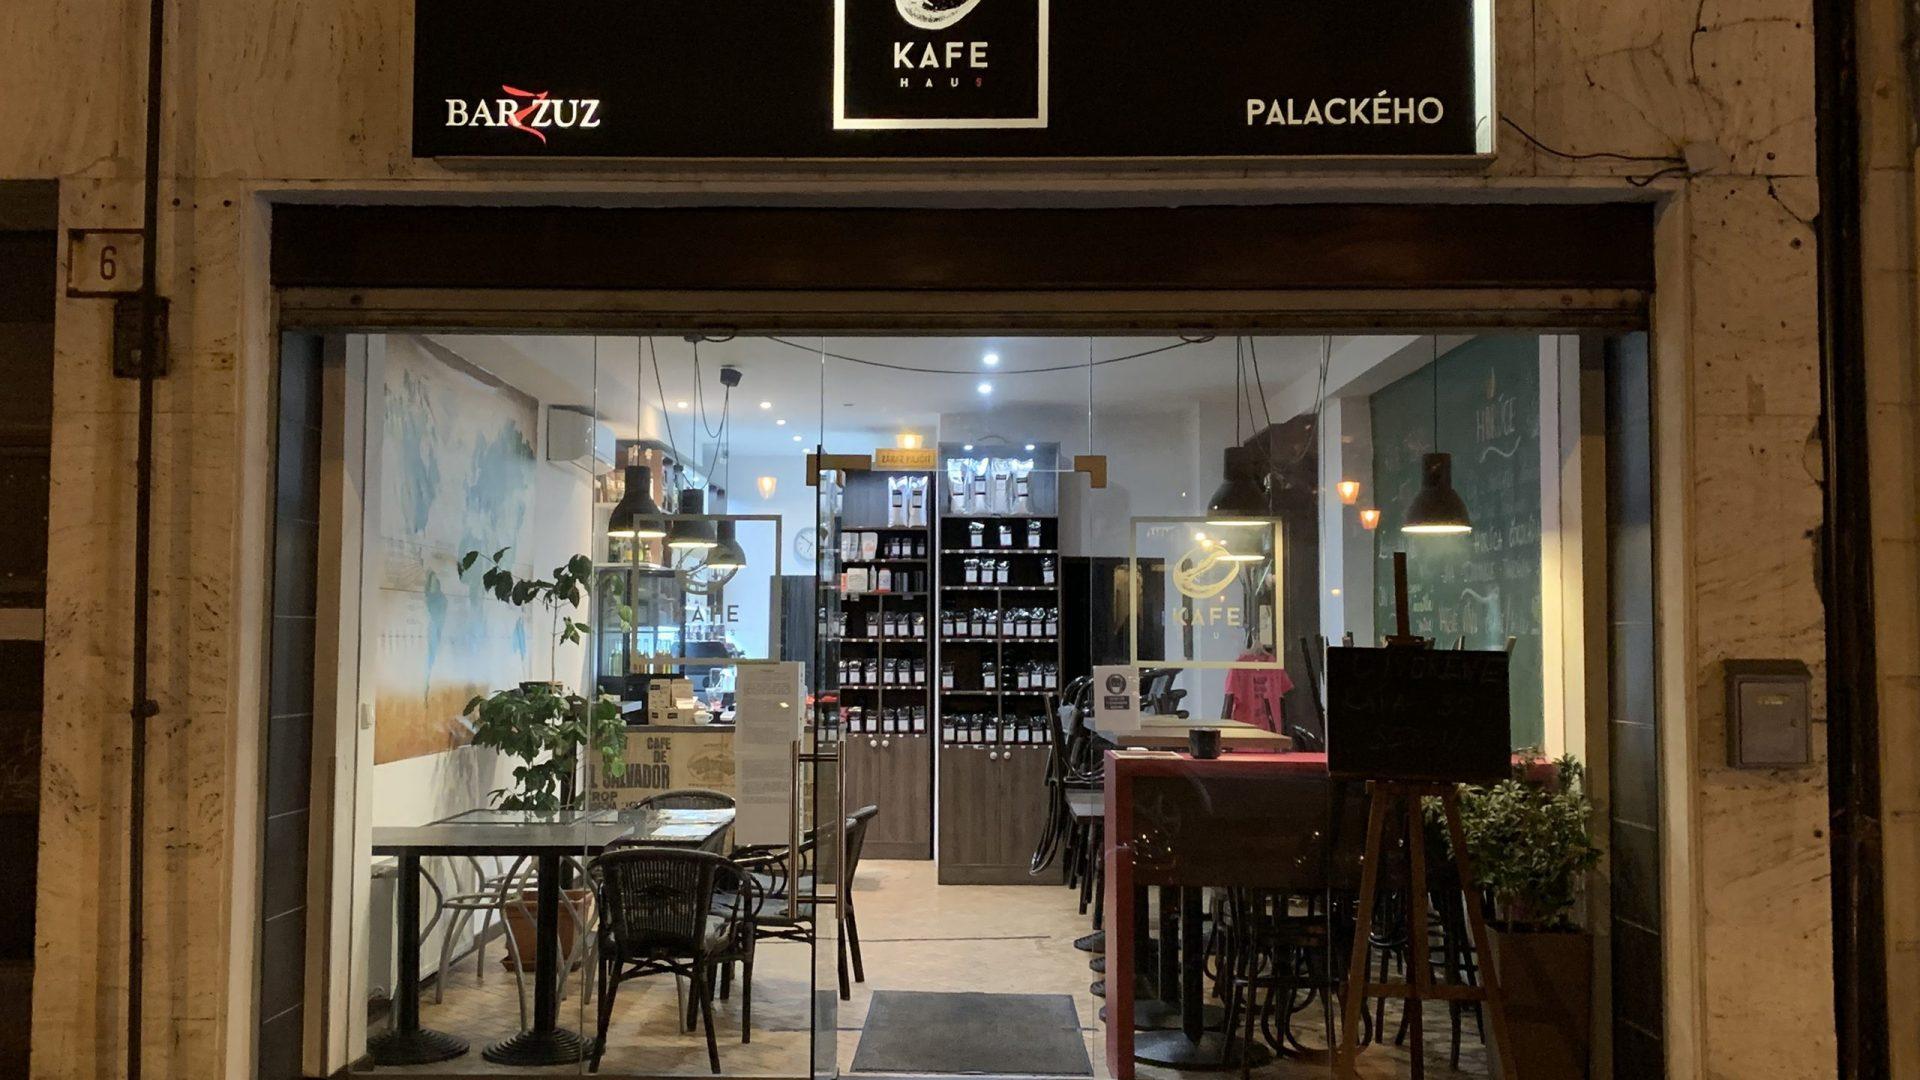 kafehaus-palackeho-rendex-4